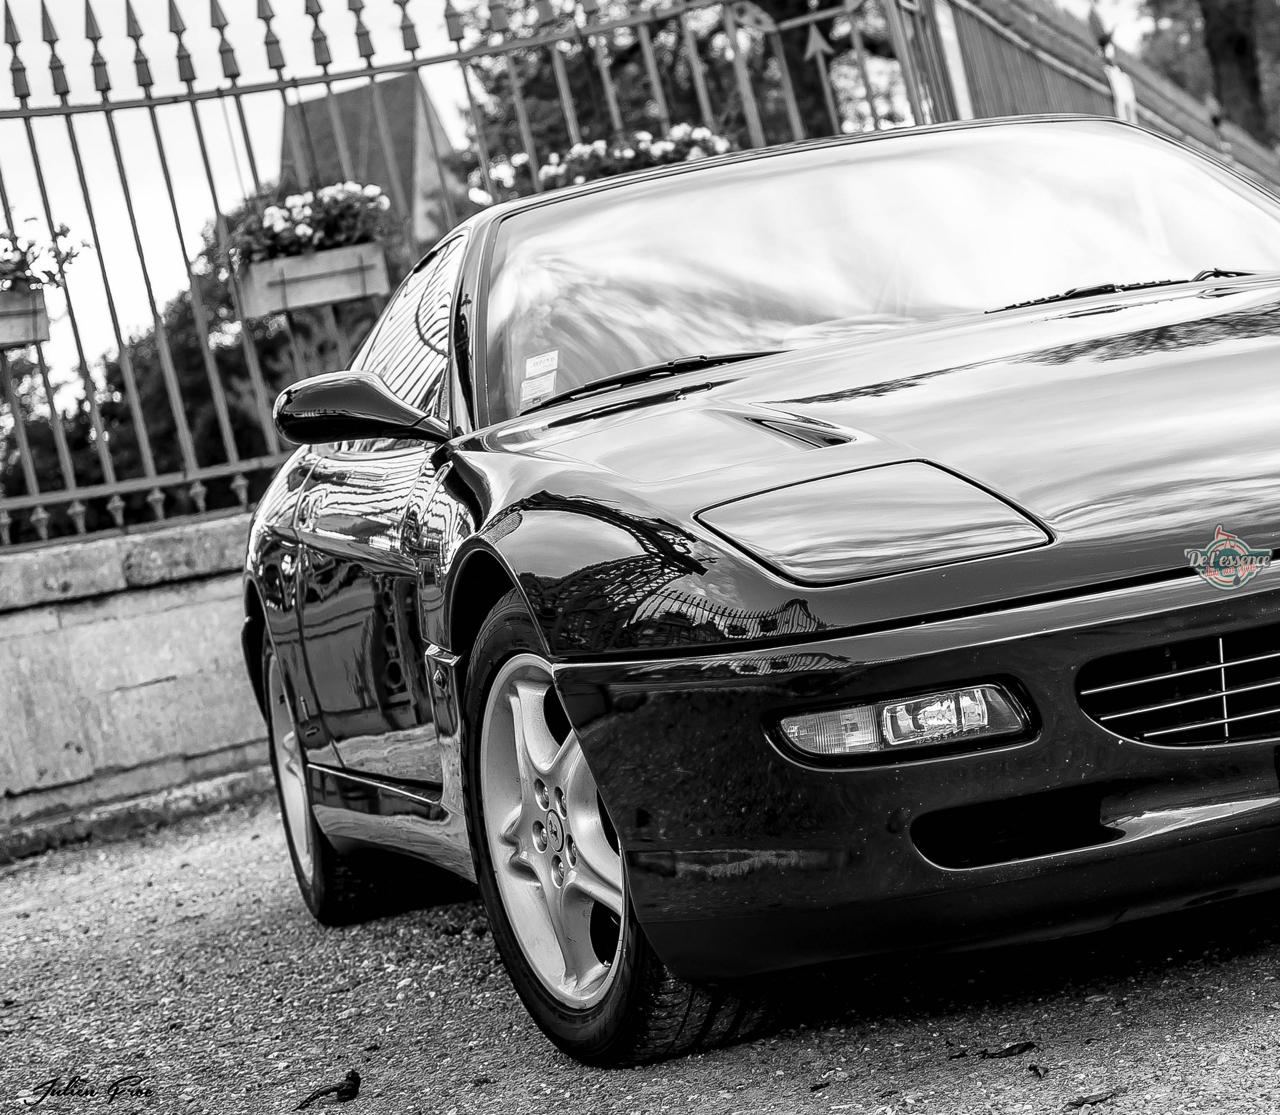 DLEDMV - Ferrari 456GT JulienF - 10